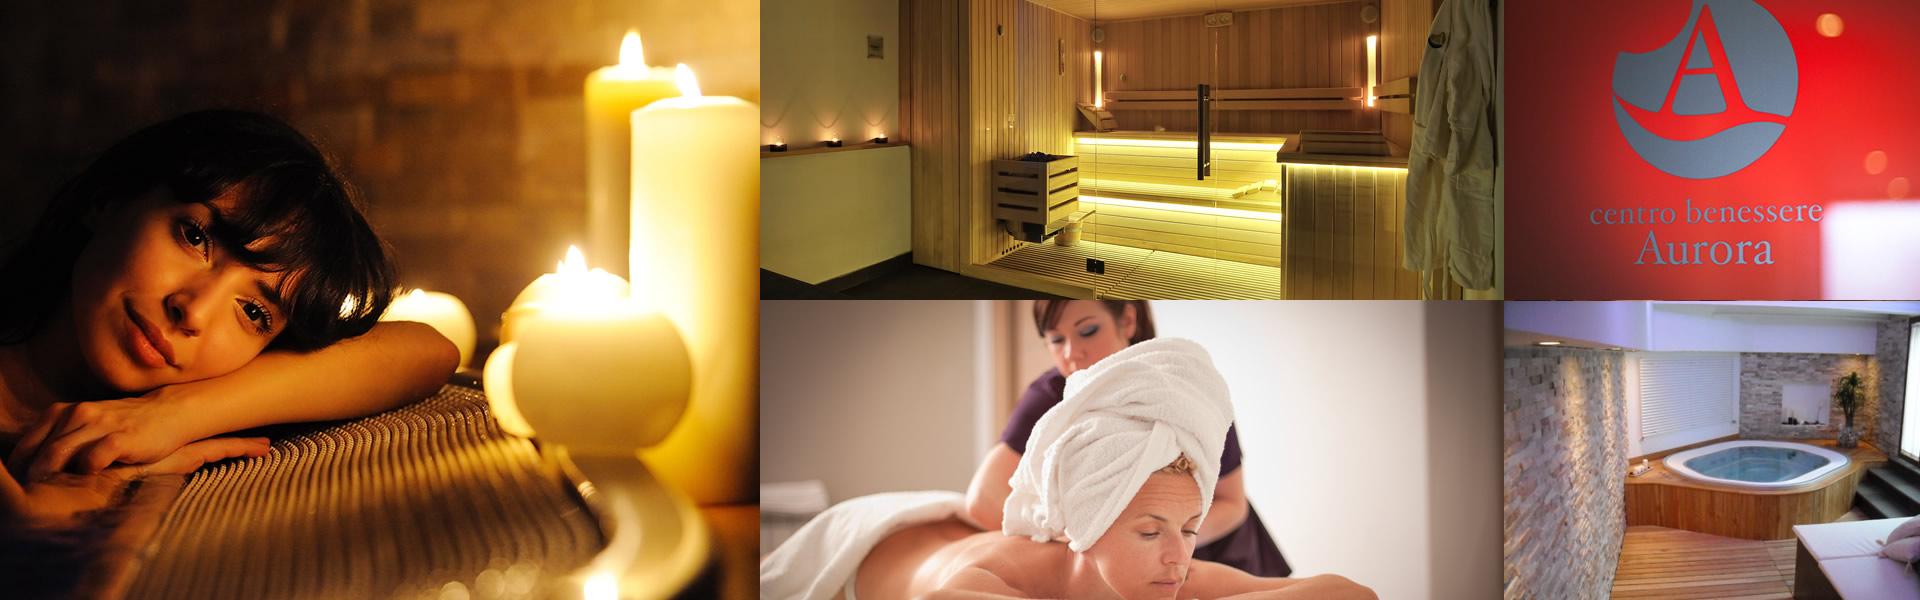 centro benessere terme libere spa hotel aurora